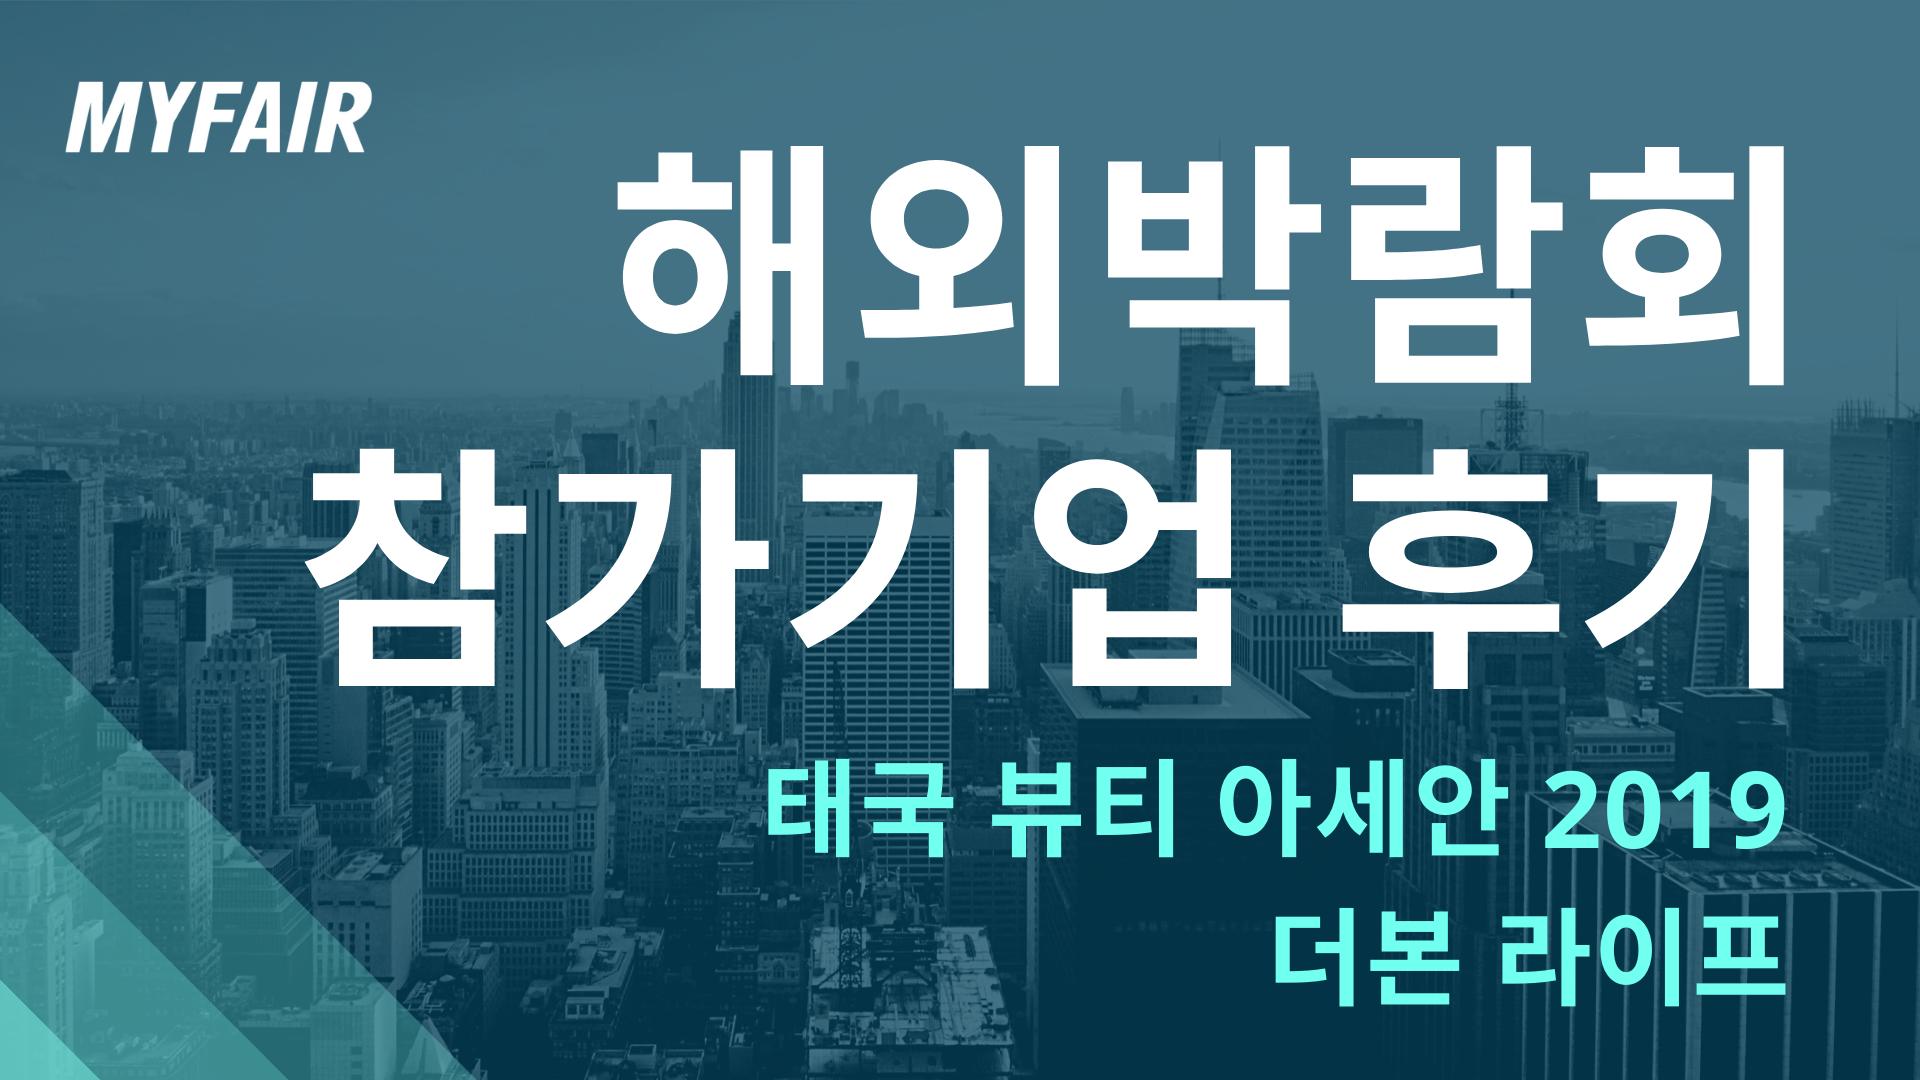 [해외박람회에서 빛난 기업] 태국 뷰티 아세안 2019 - 더본 라이프